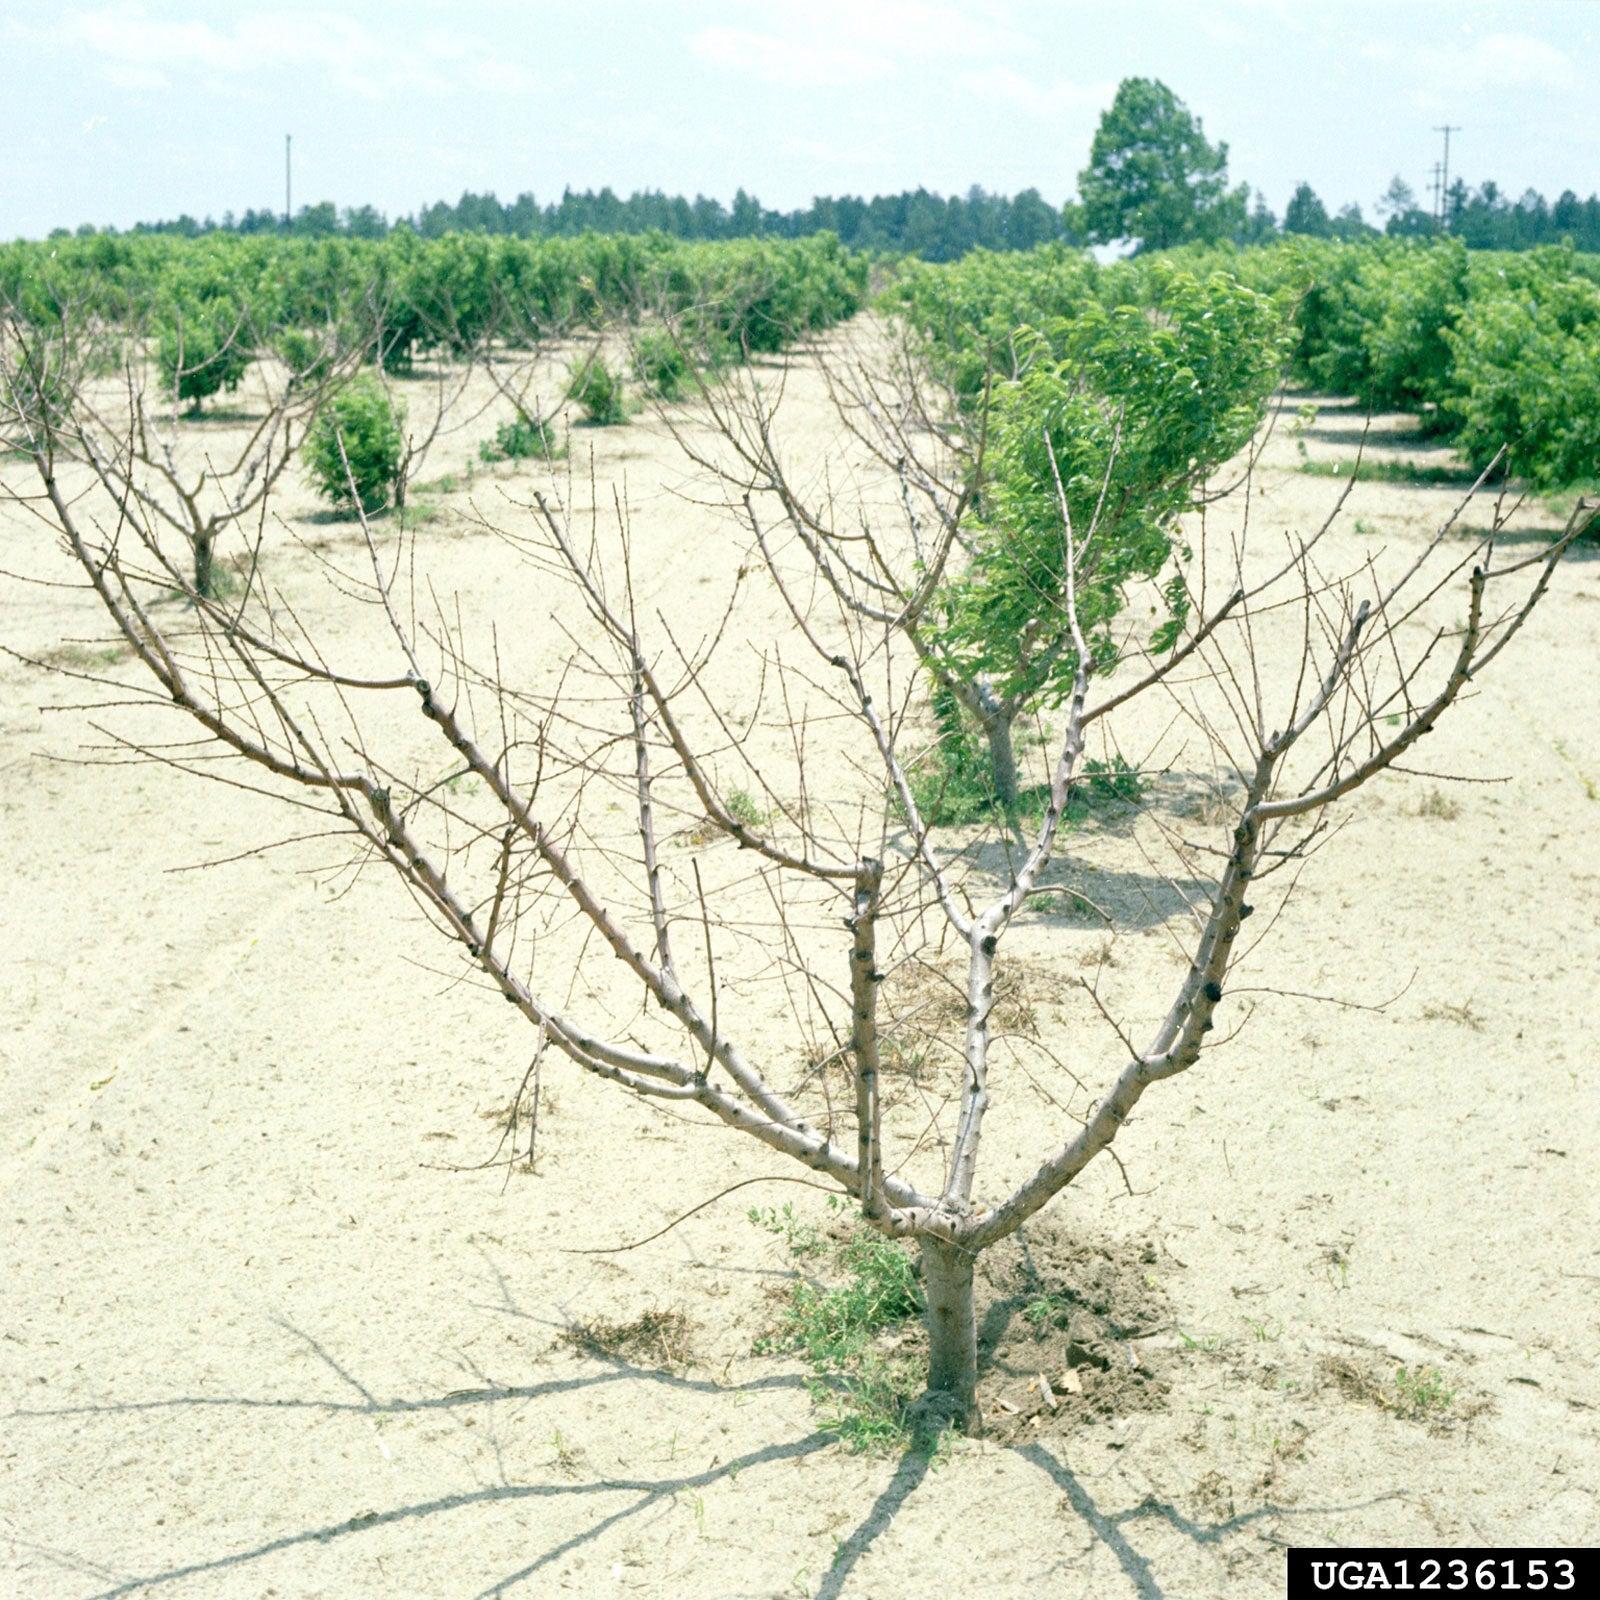 Schimbările climatice au încetinit creșterea productivității agricole cu 21% din 1961 încoace